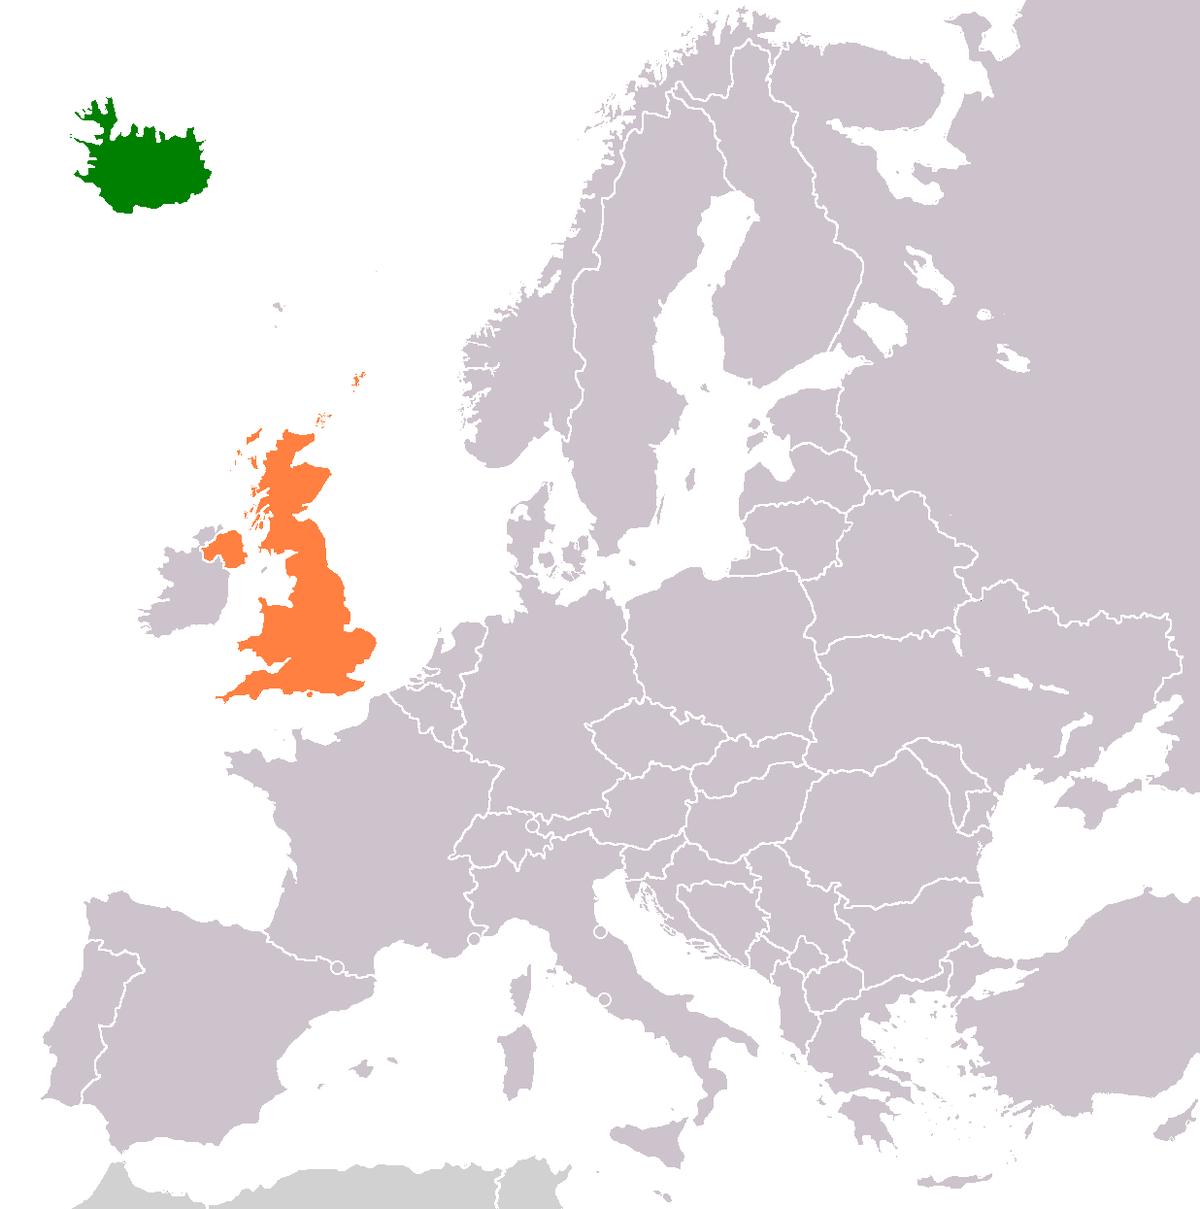 Map Of Iceland And Uk Iceland–United Kingdom relations   Wikipedia